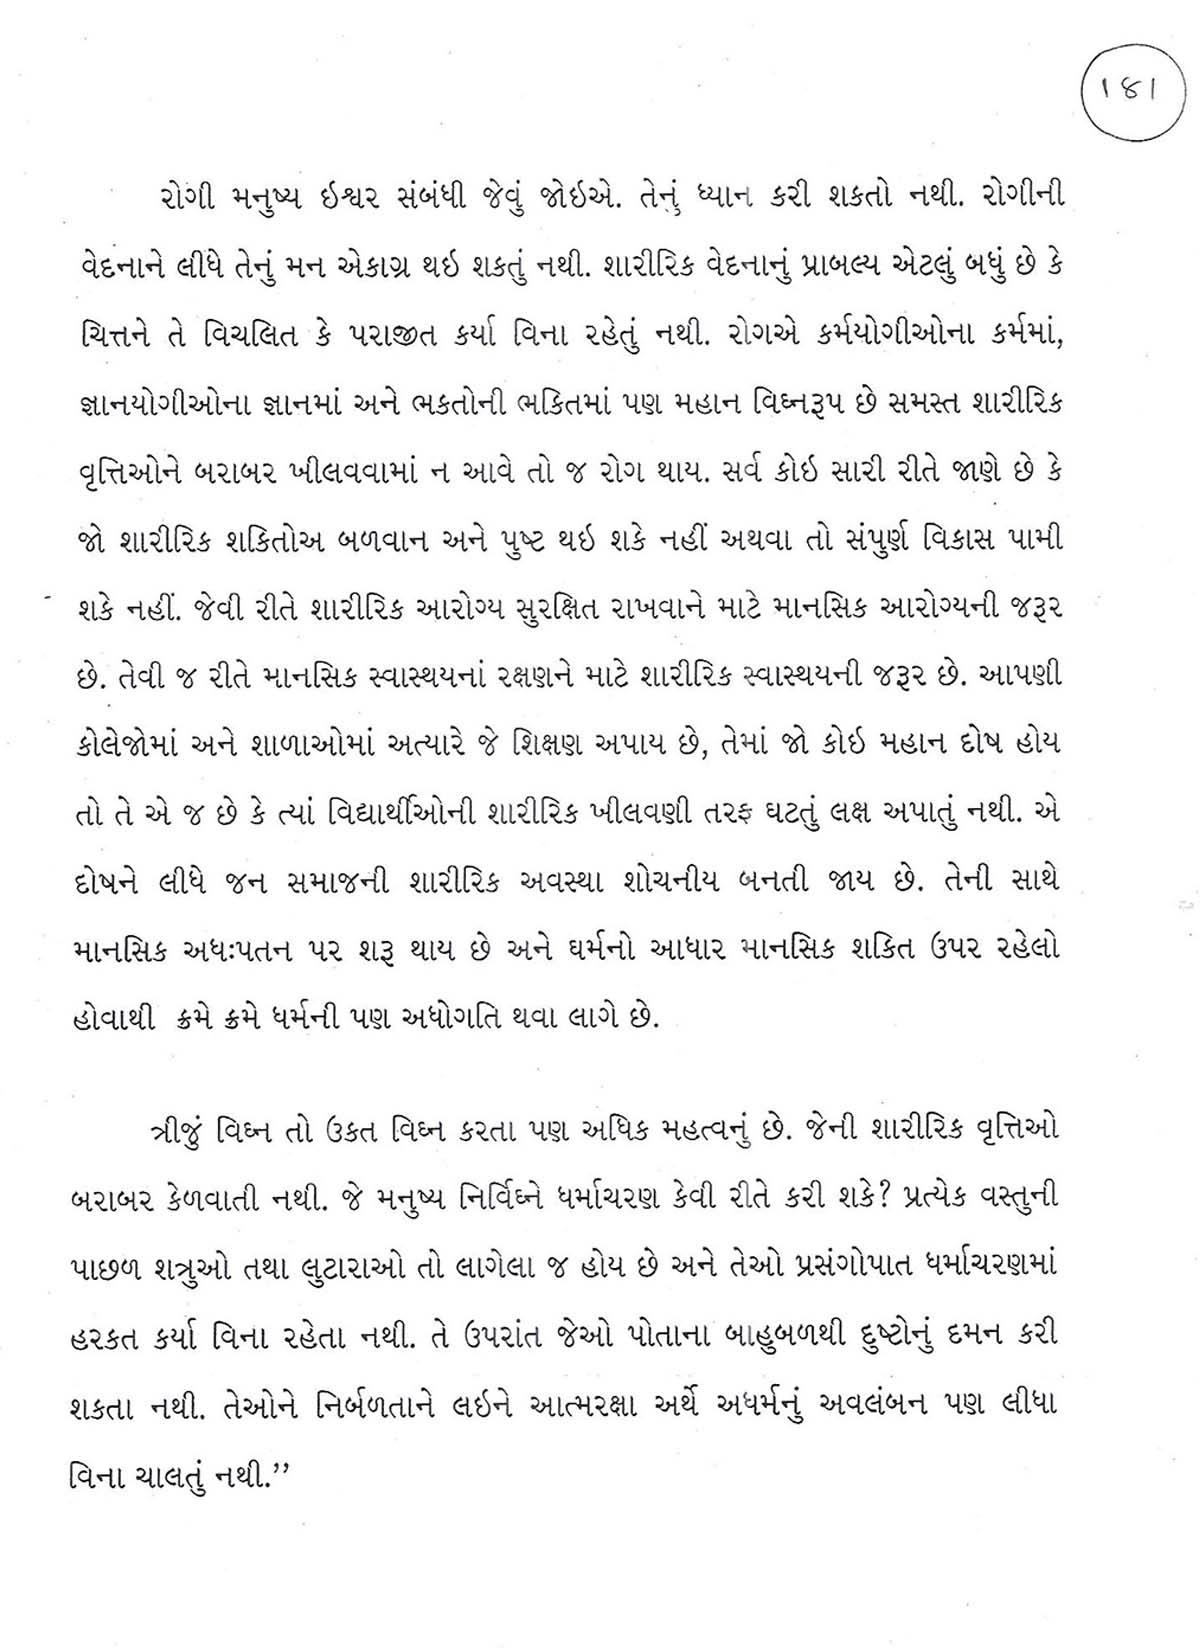 Short Note On Mahatma Gandhi In Hindi Mahatma Gandhi